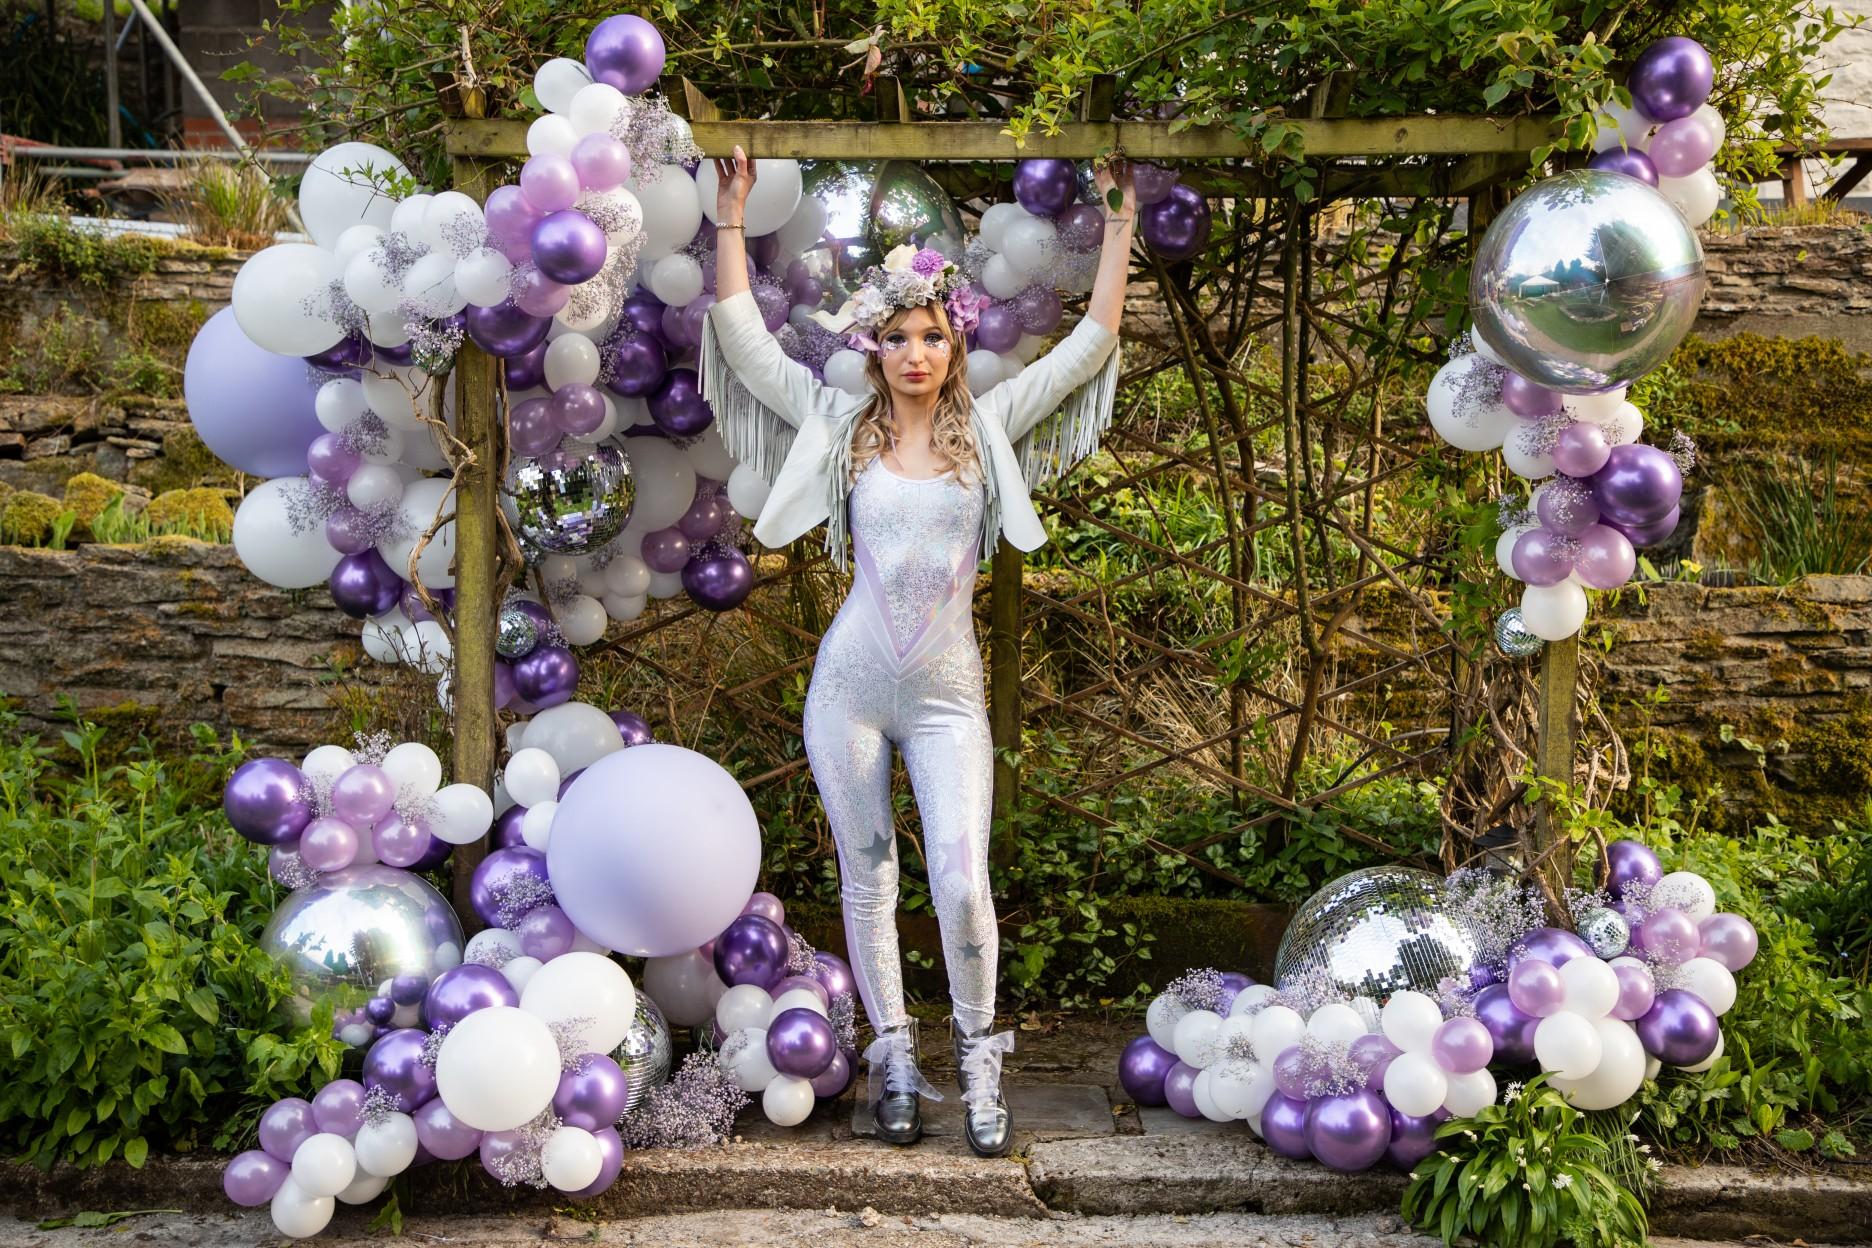 unique wedding balloons - unique wedding decoration - purple wedding - wedding balloon display - modern festival wedding - unique wedding wear - wedding jumpsuit - wedding catsuit - festival bride - unique wedding wear